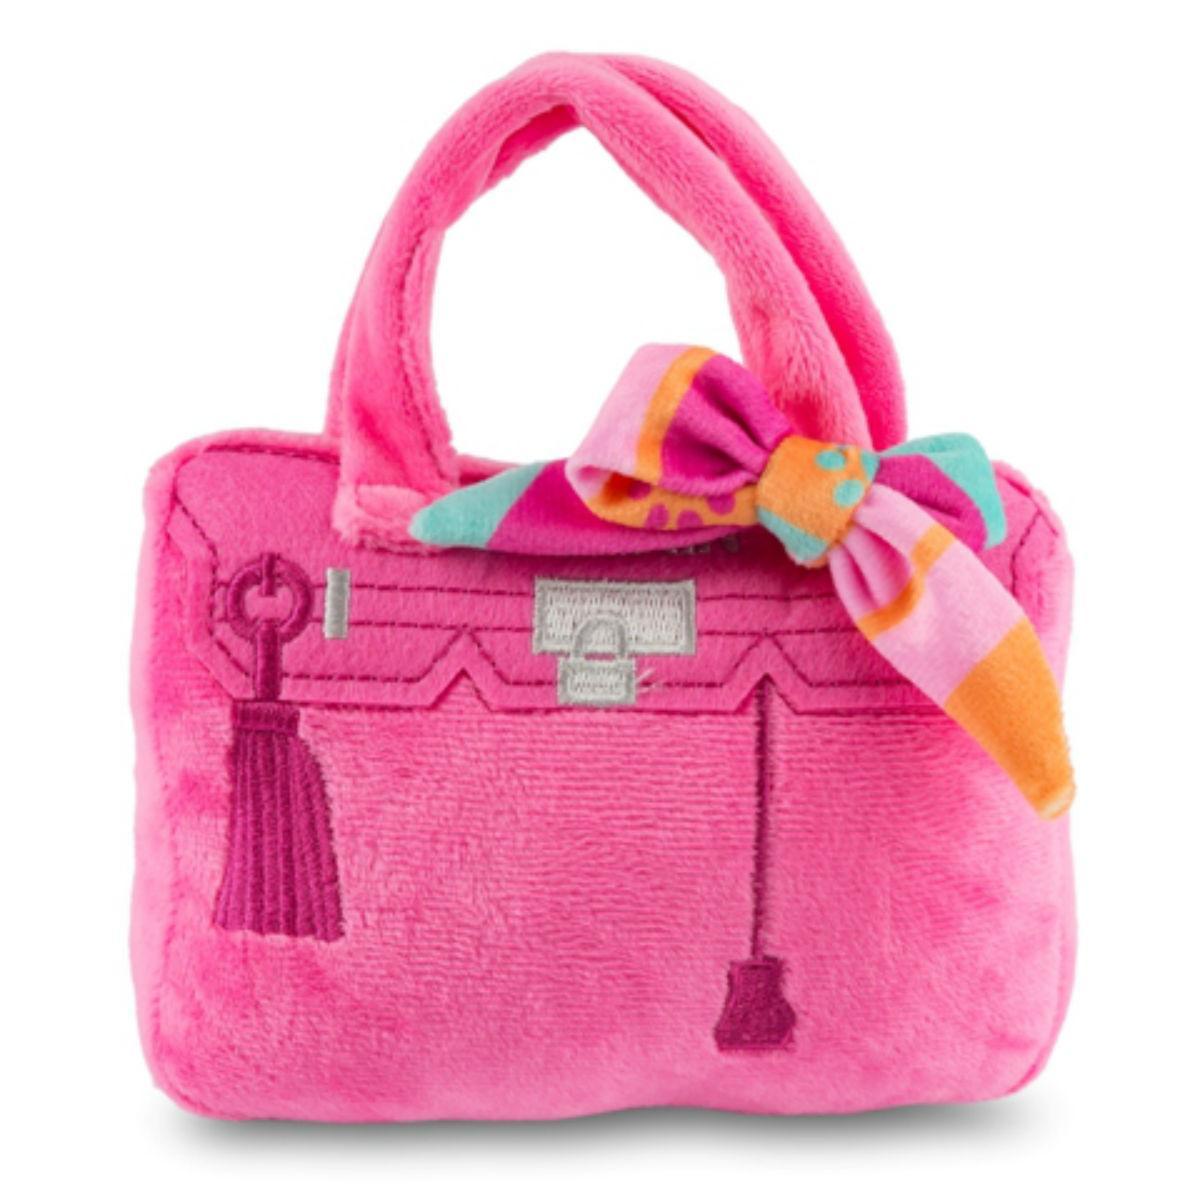 Barkin Bag Plush Dog Toy - Pink